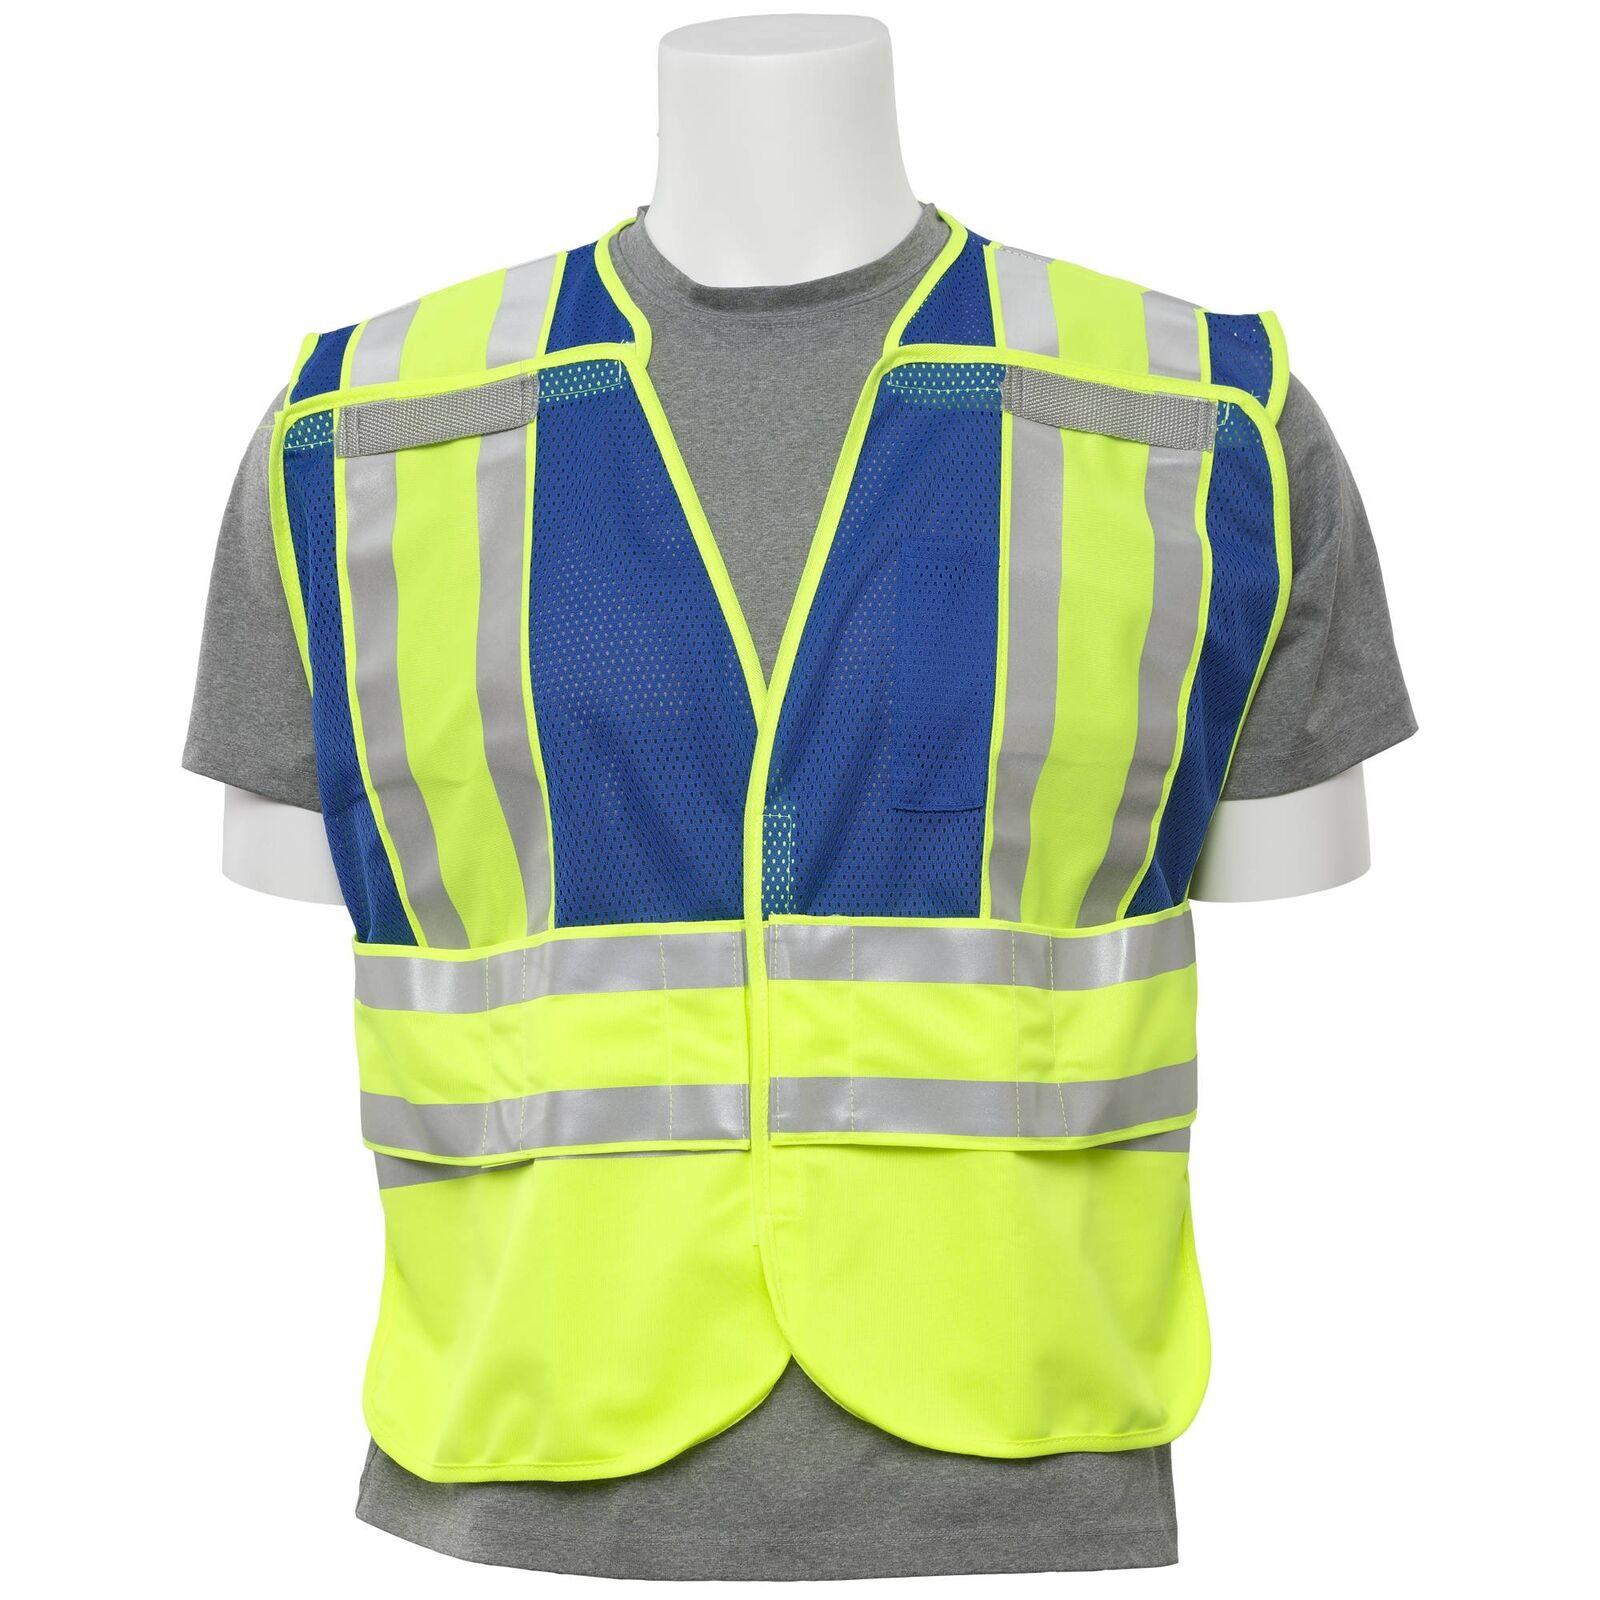 Blue PIP ANSI 207 Reflective Public Safety Vest with Pockets